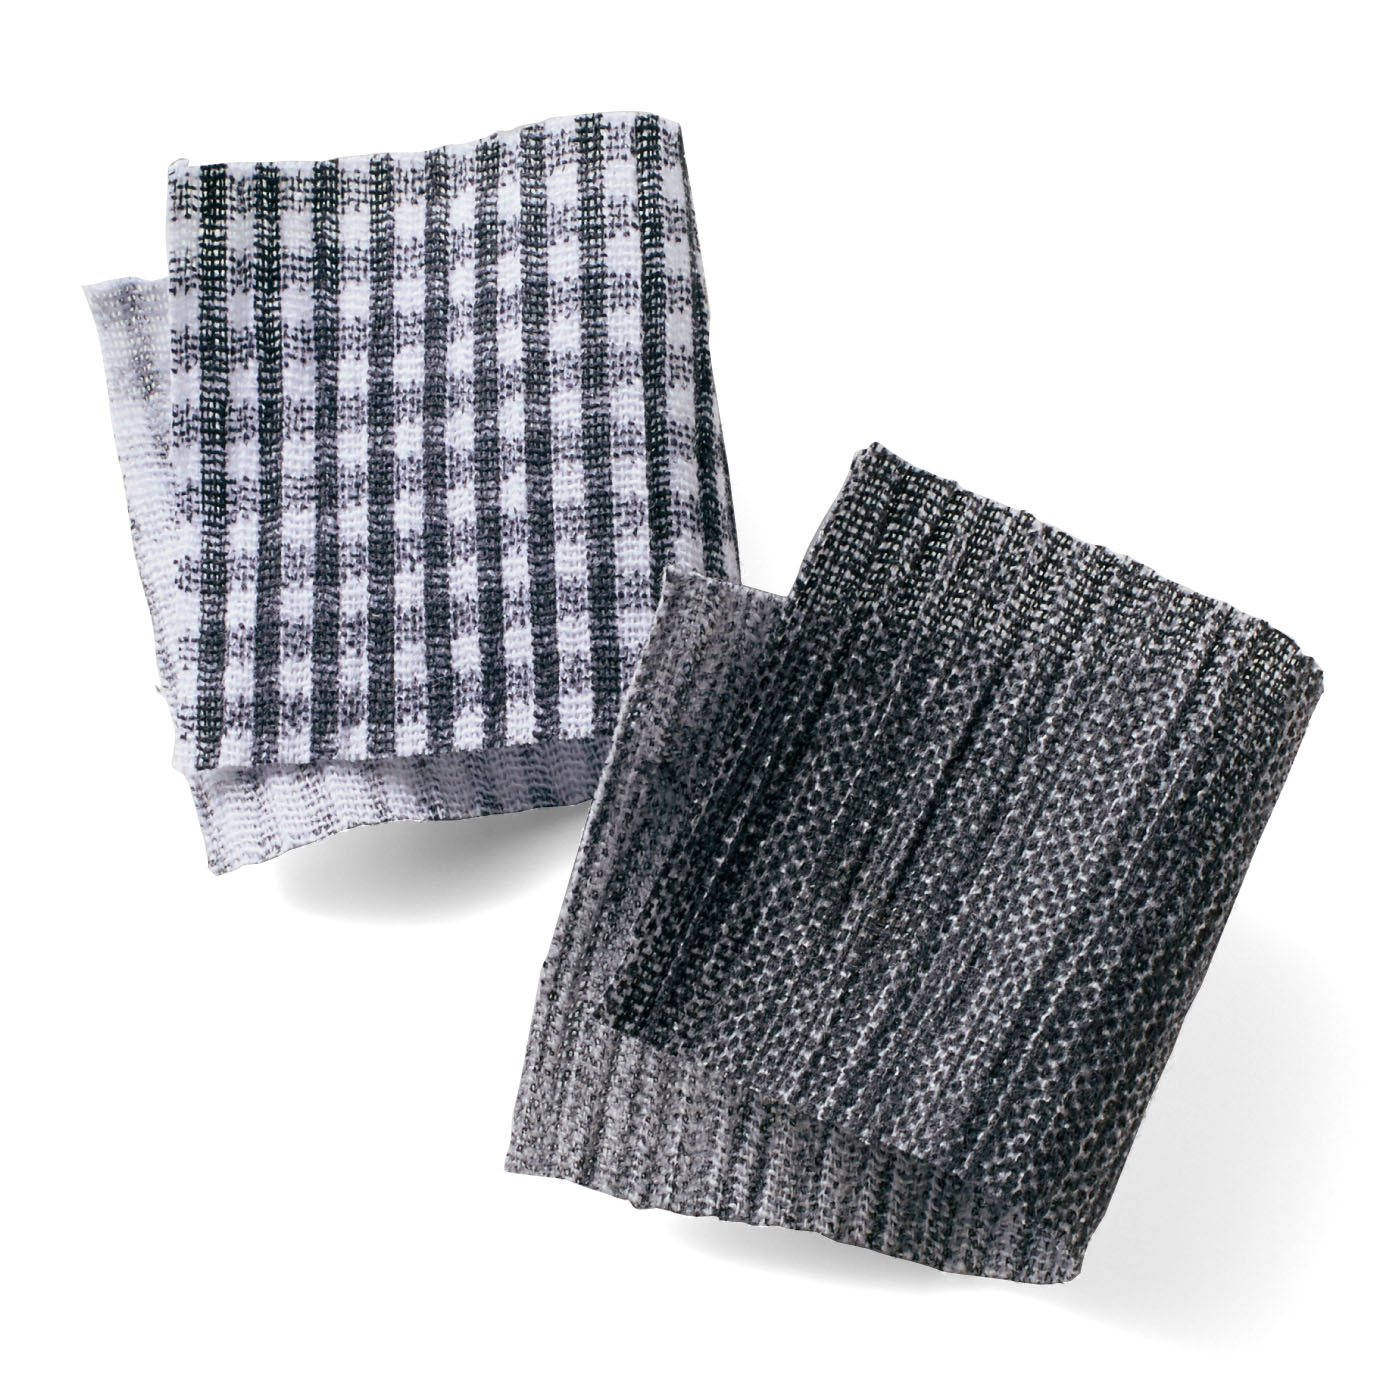 江戸時代から滋賀県高島市で作られている伝統素材の高島ちぢみ(R)。綿ちぢみは凹凸があるので、独特のシャリ感があり、汗をよく吸うのが特徴。高温多湿な日本の風土に適しています。